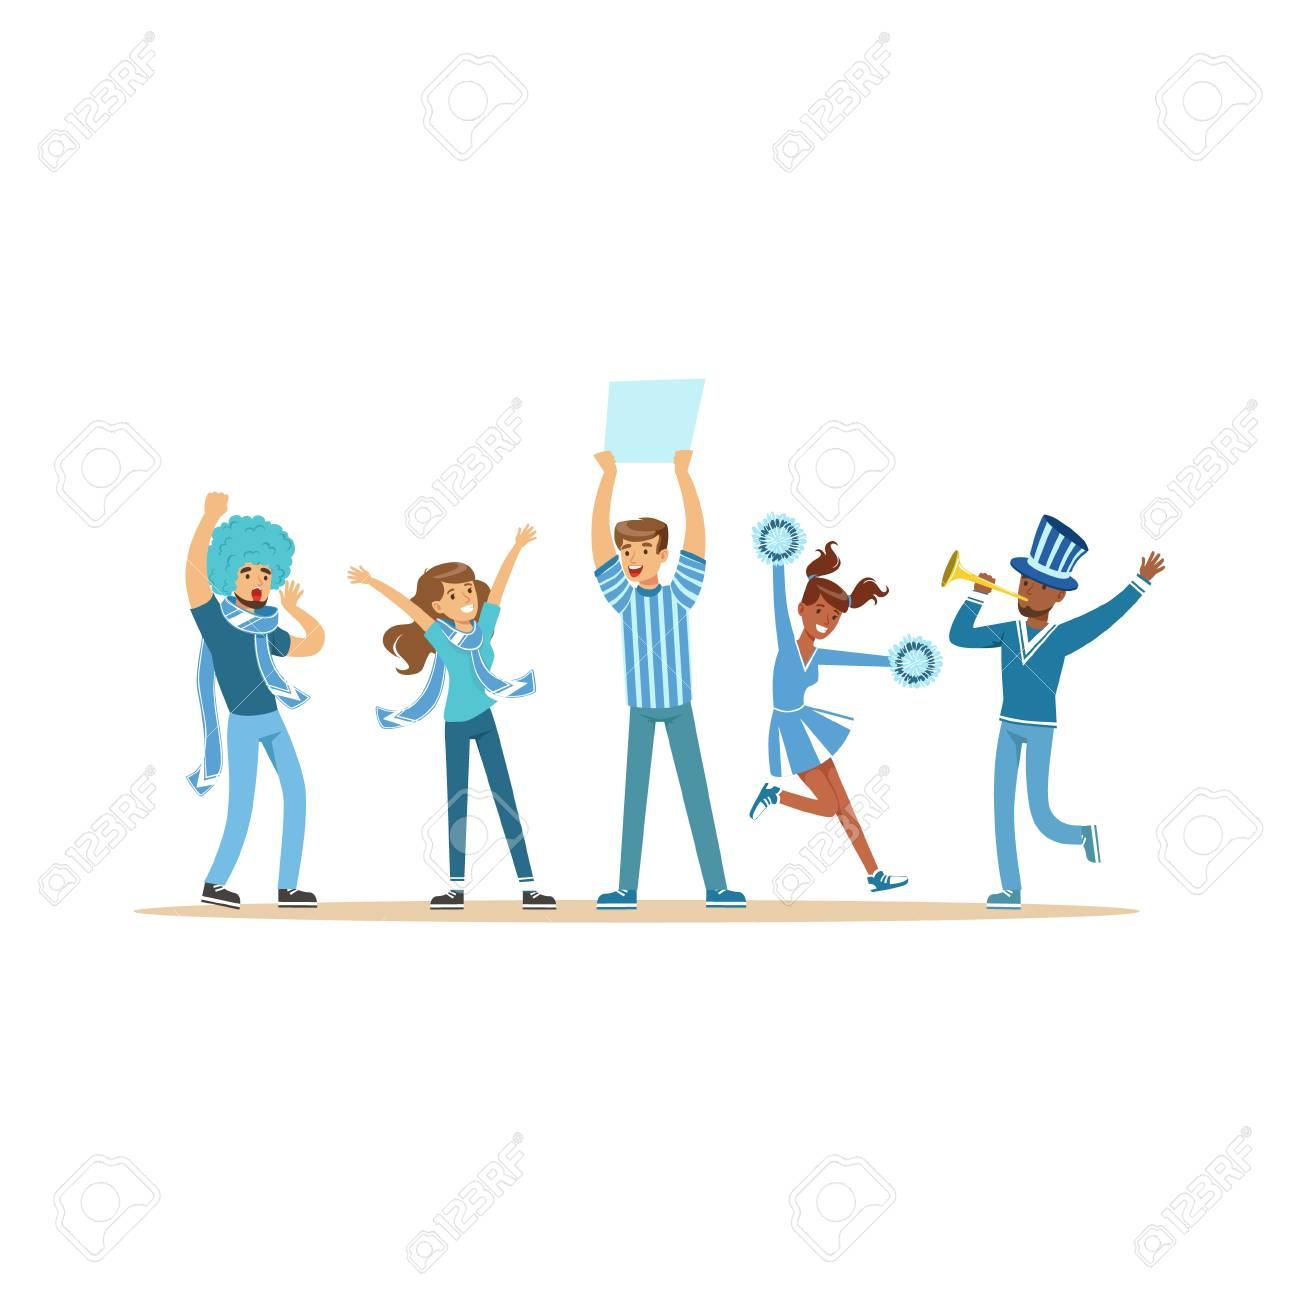 ブルーの衣装に叫び歓声チームを支えるファンのグループ ベクトル